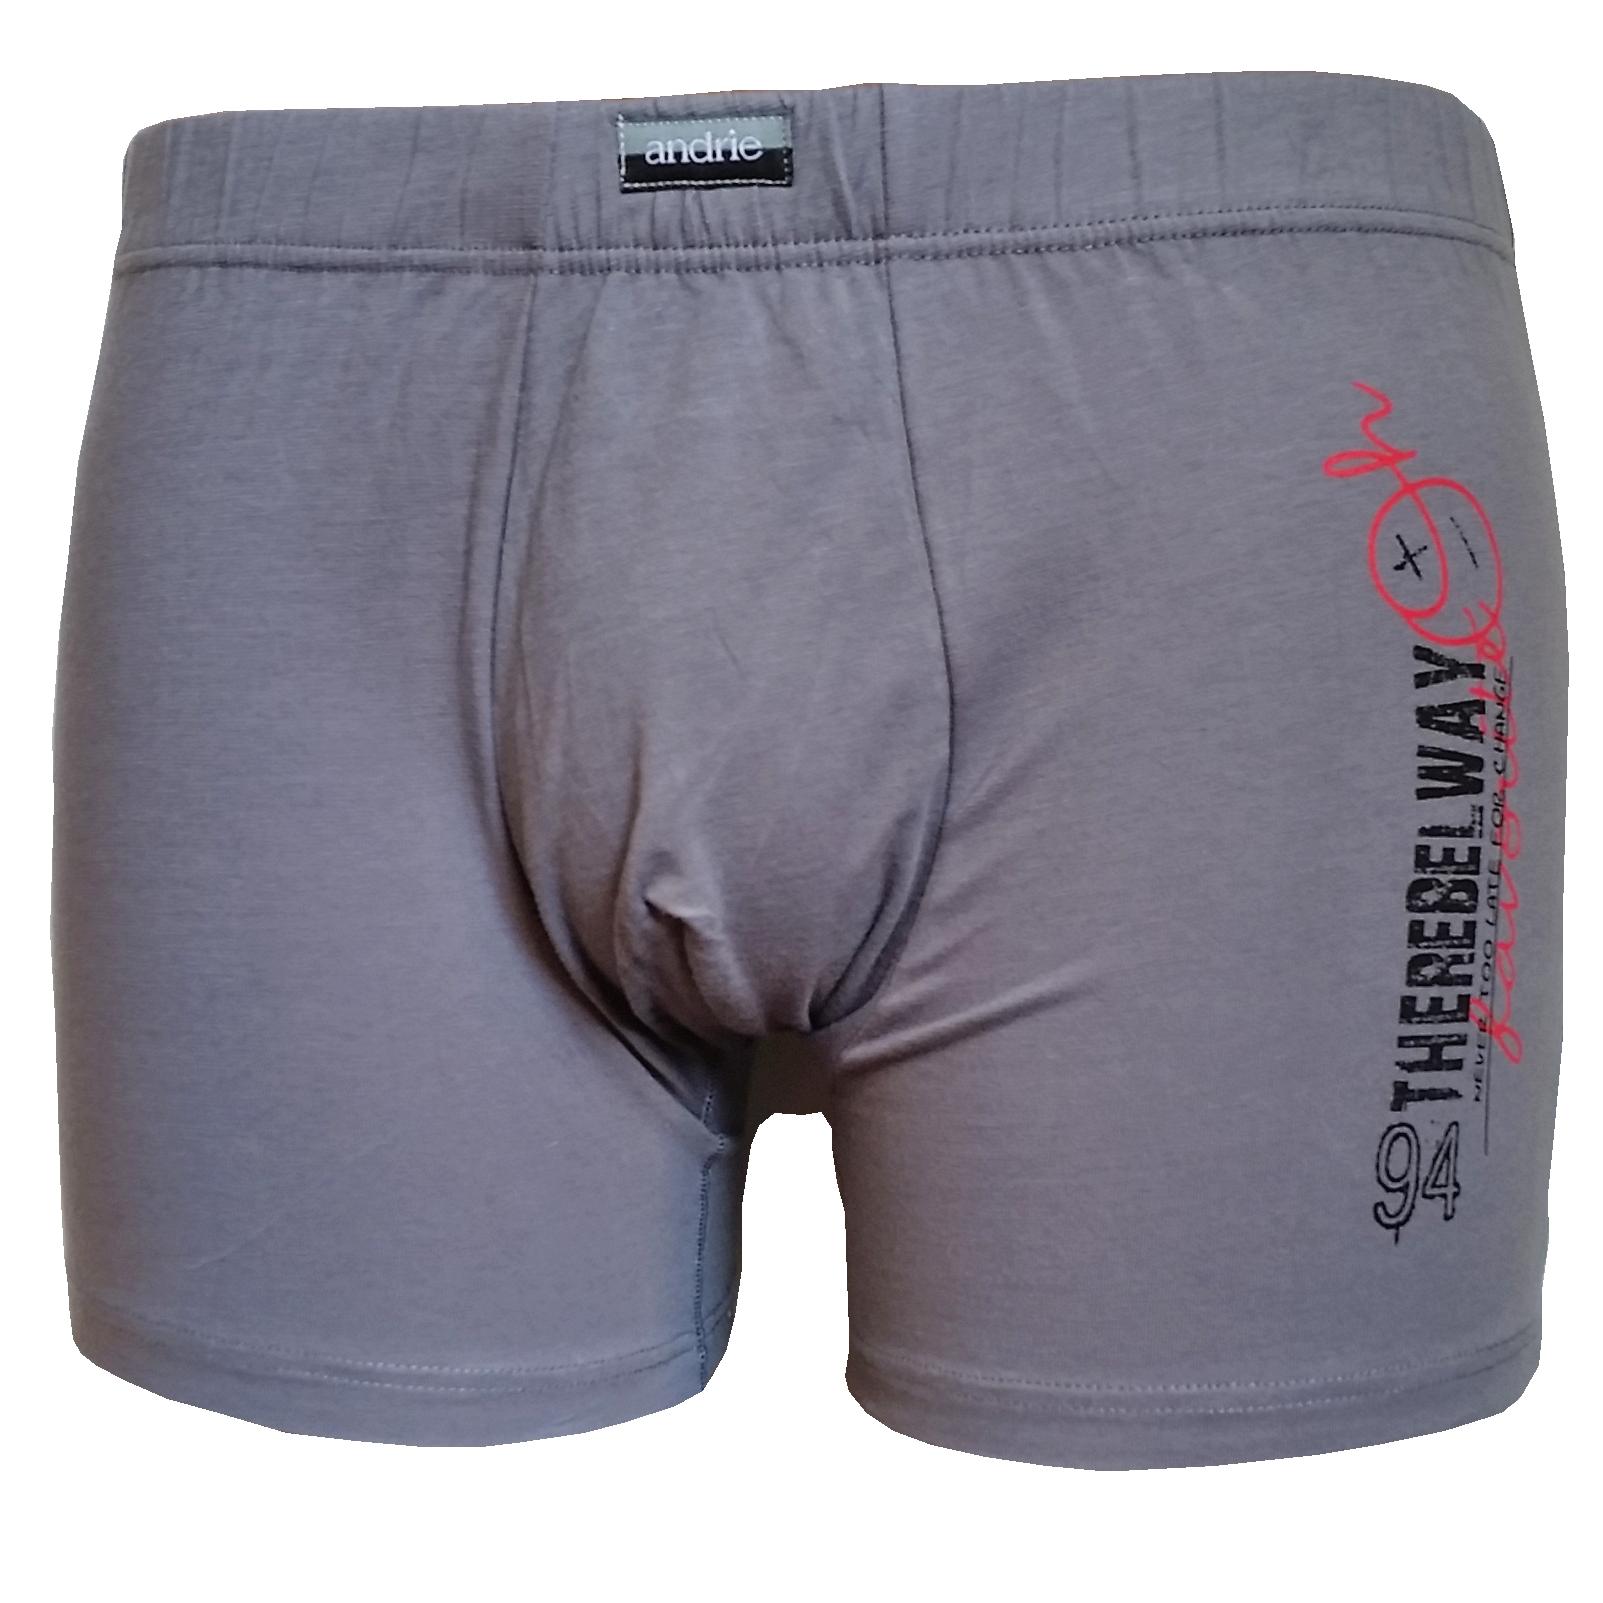 Andrie PS 5173 pánské  boxerky, černá, M